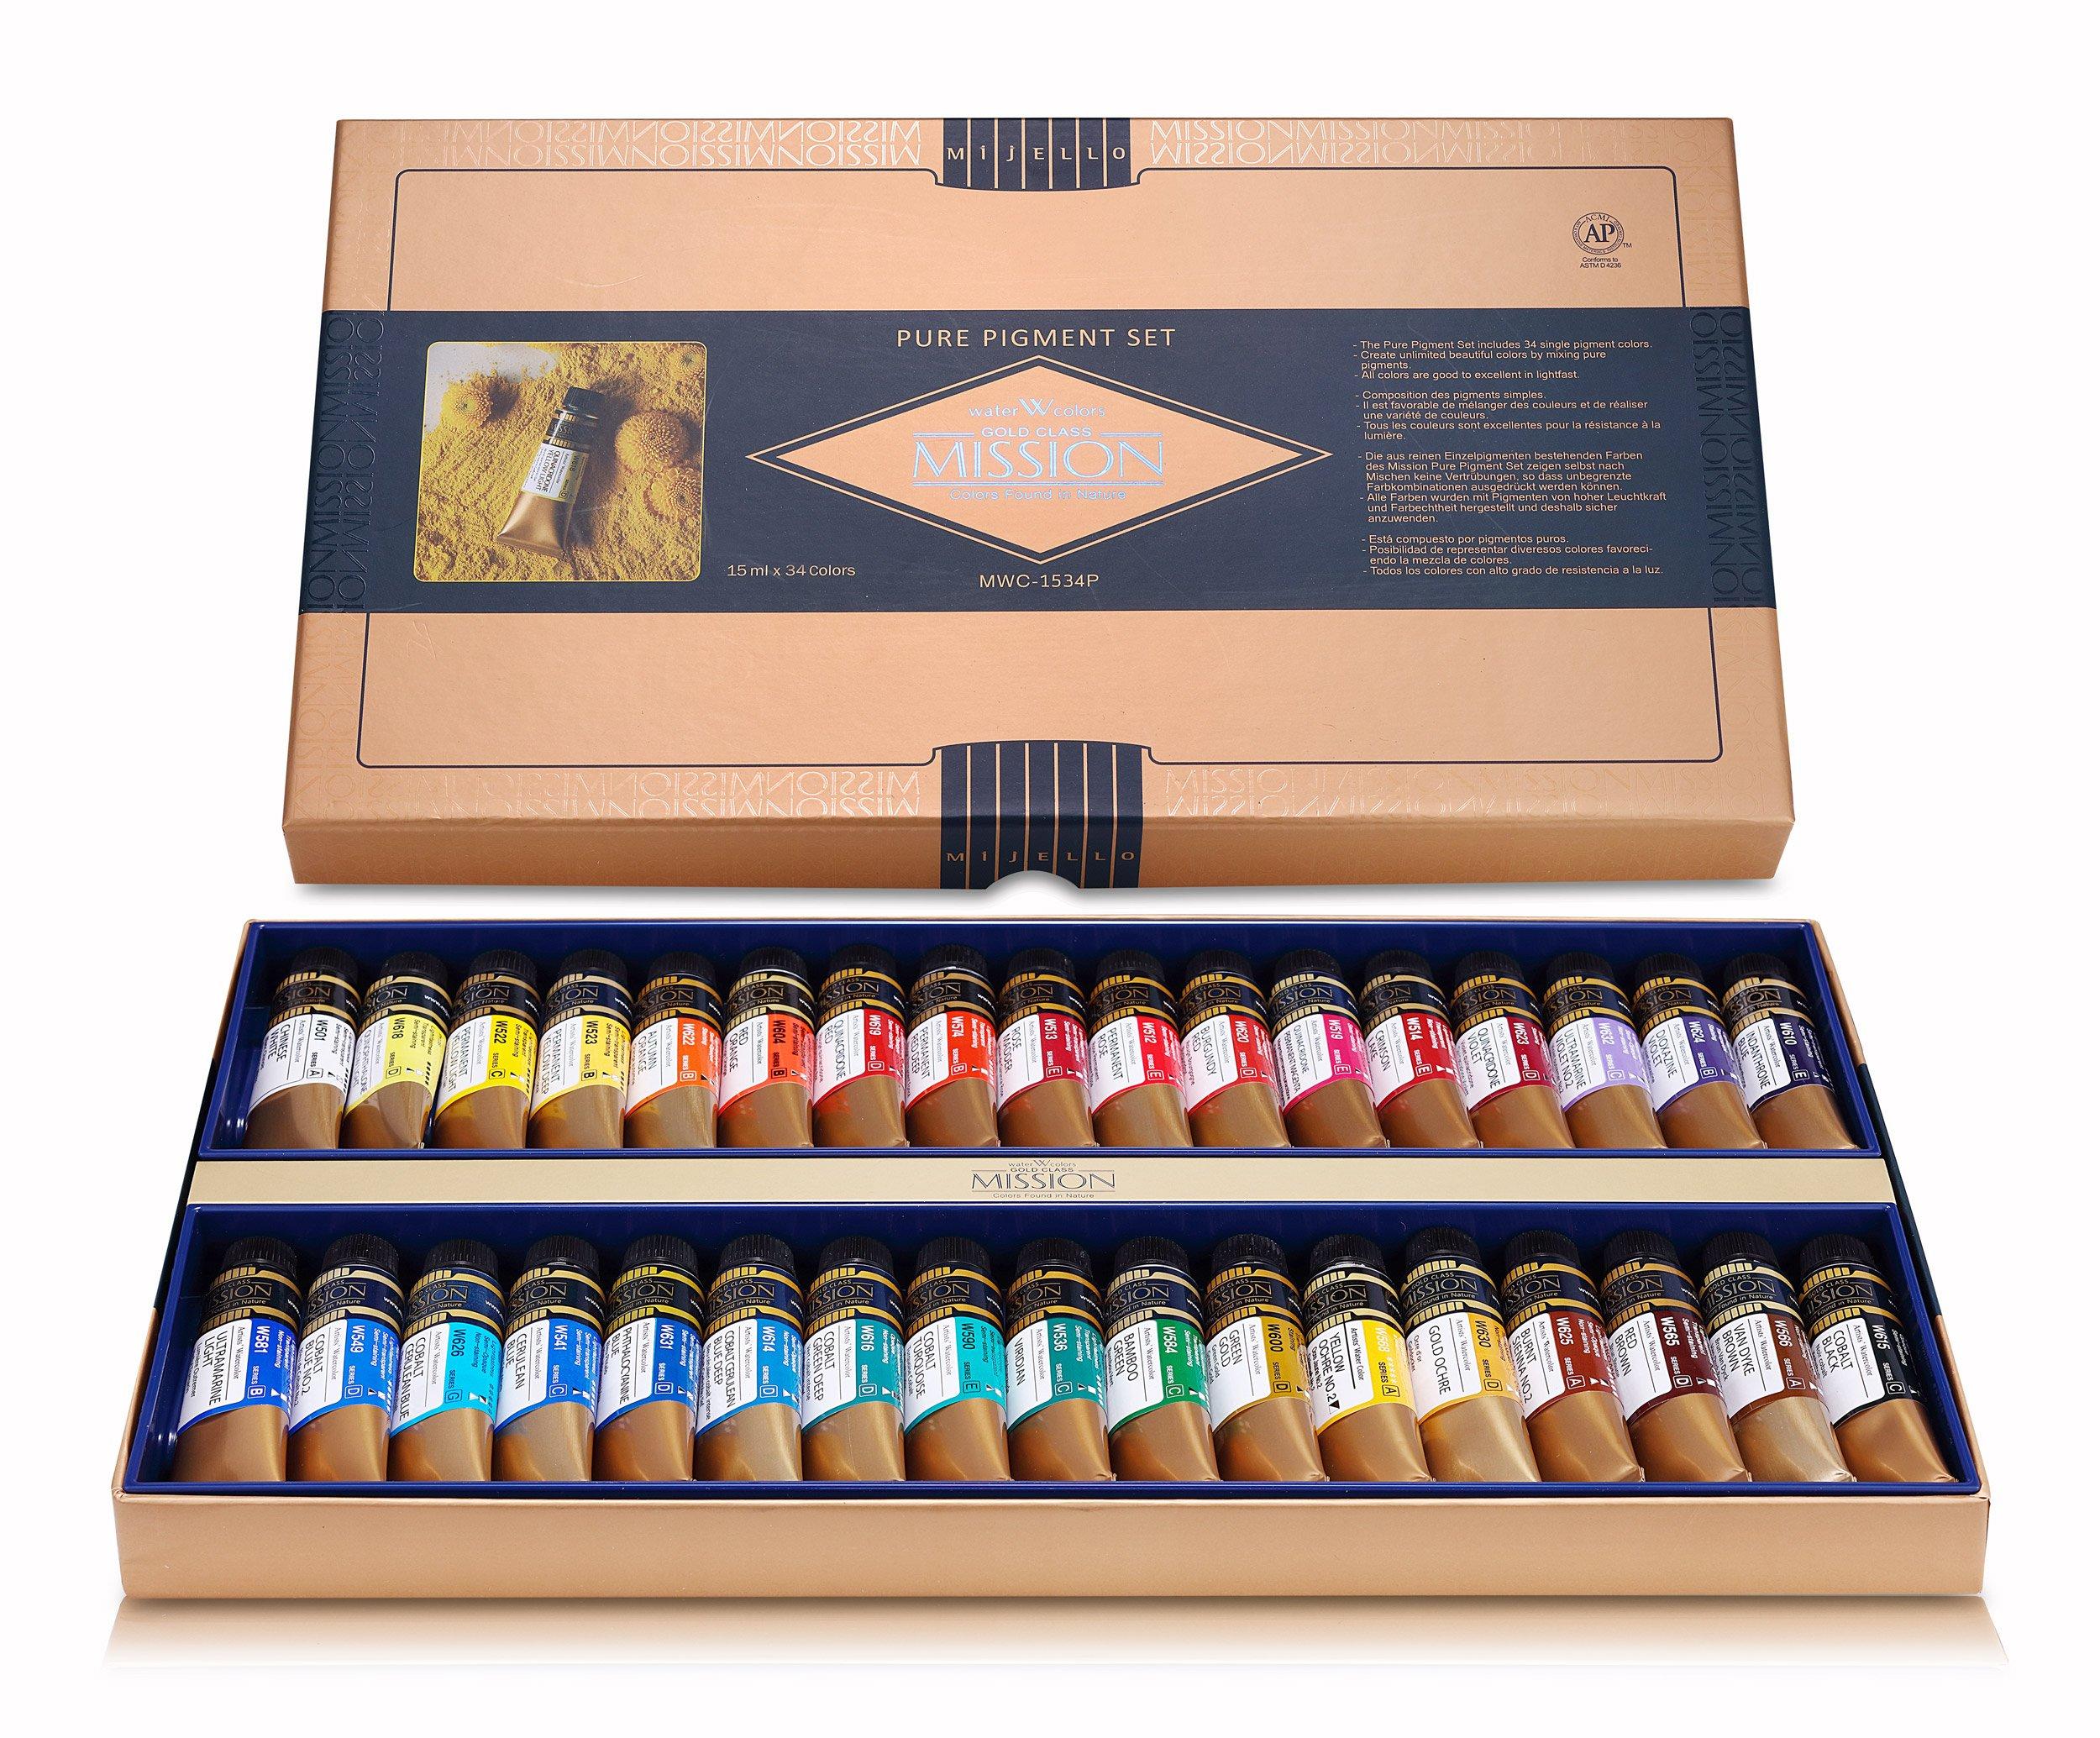 Mijello Mission Gold Class Pure Pigment Water Color MWC-1534P, 15ml 34 Colors with Water Brush by MIJELLO Co.,Ltd.